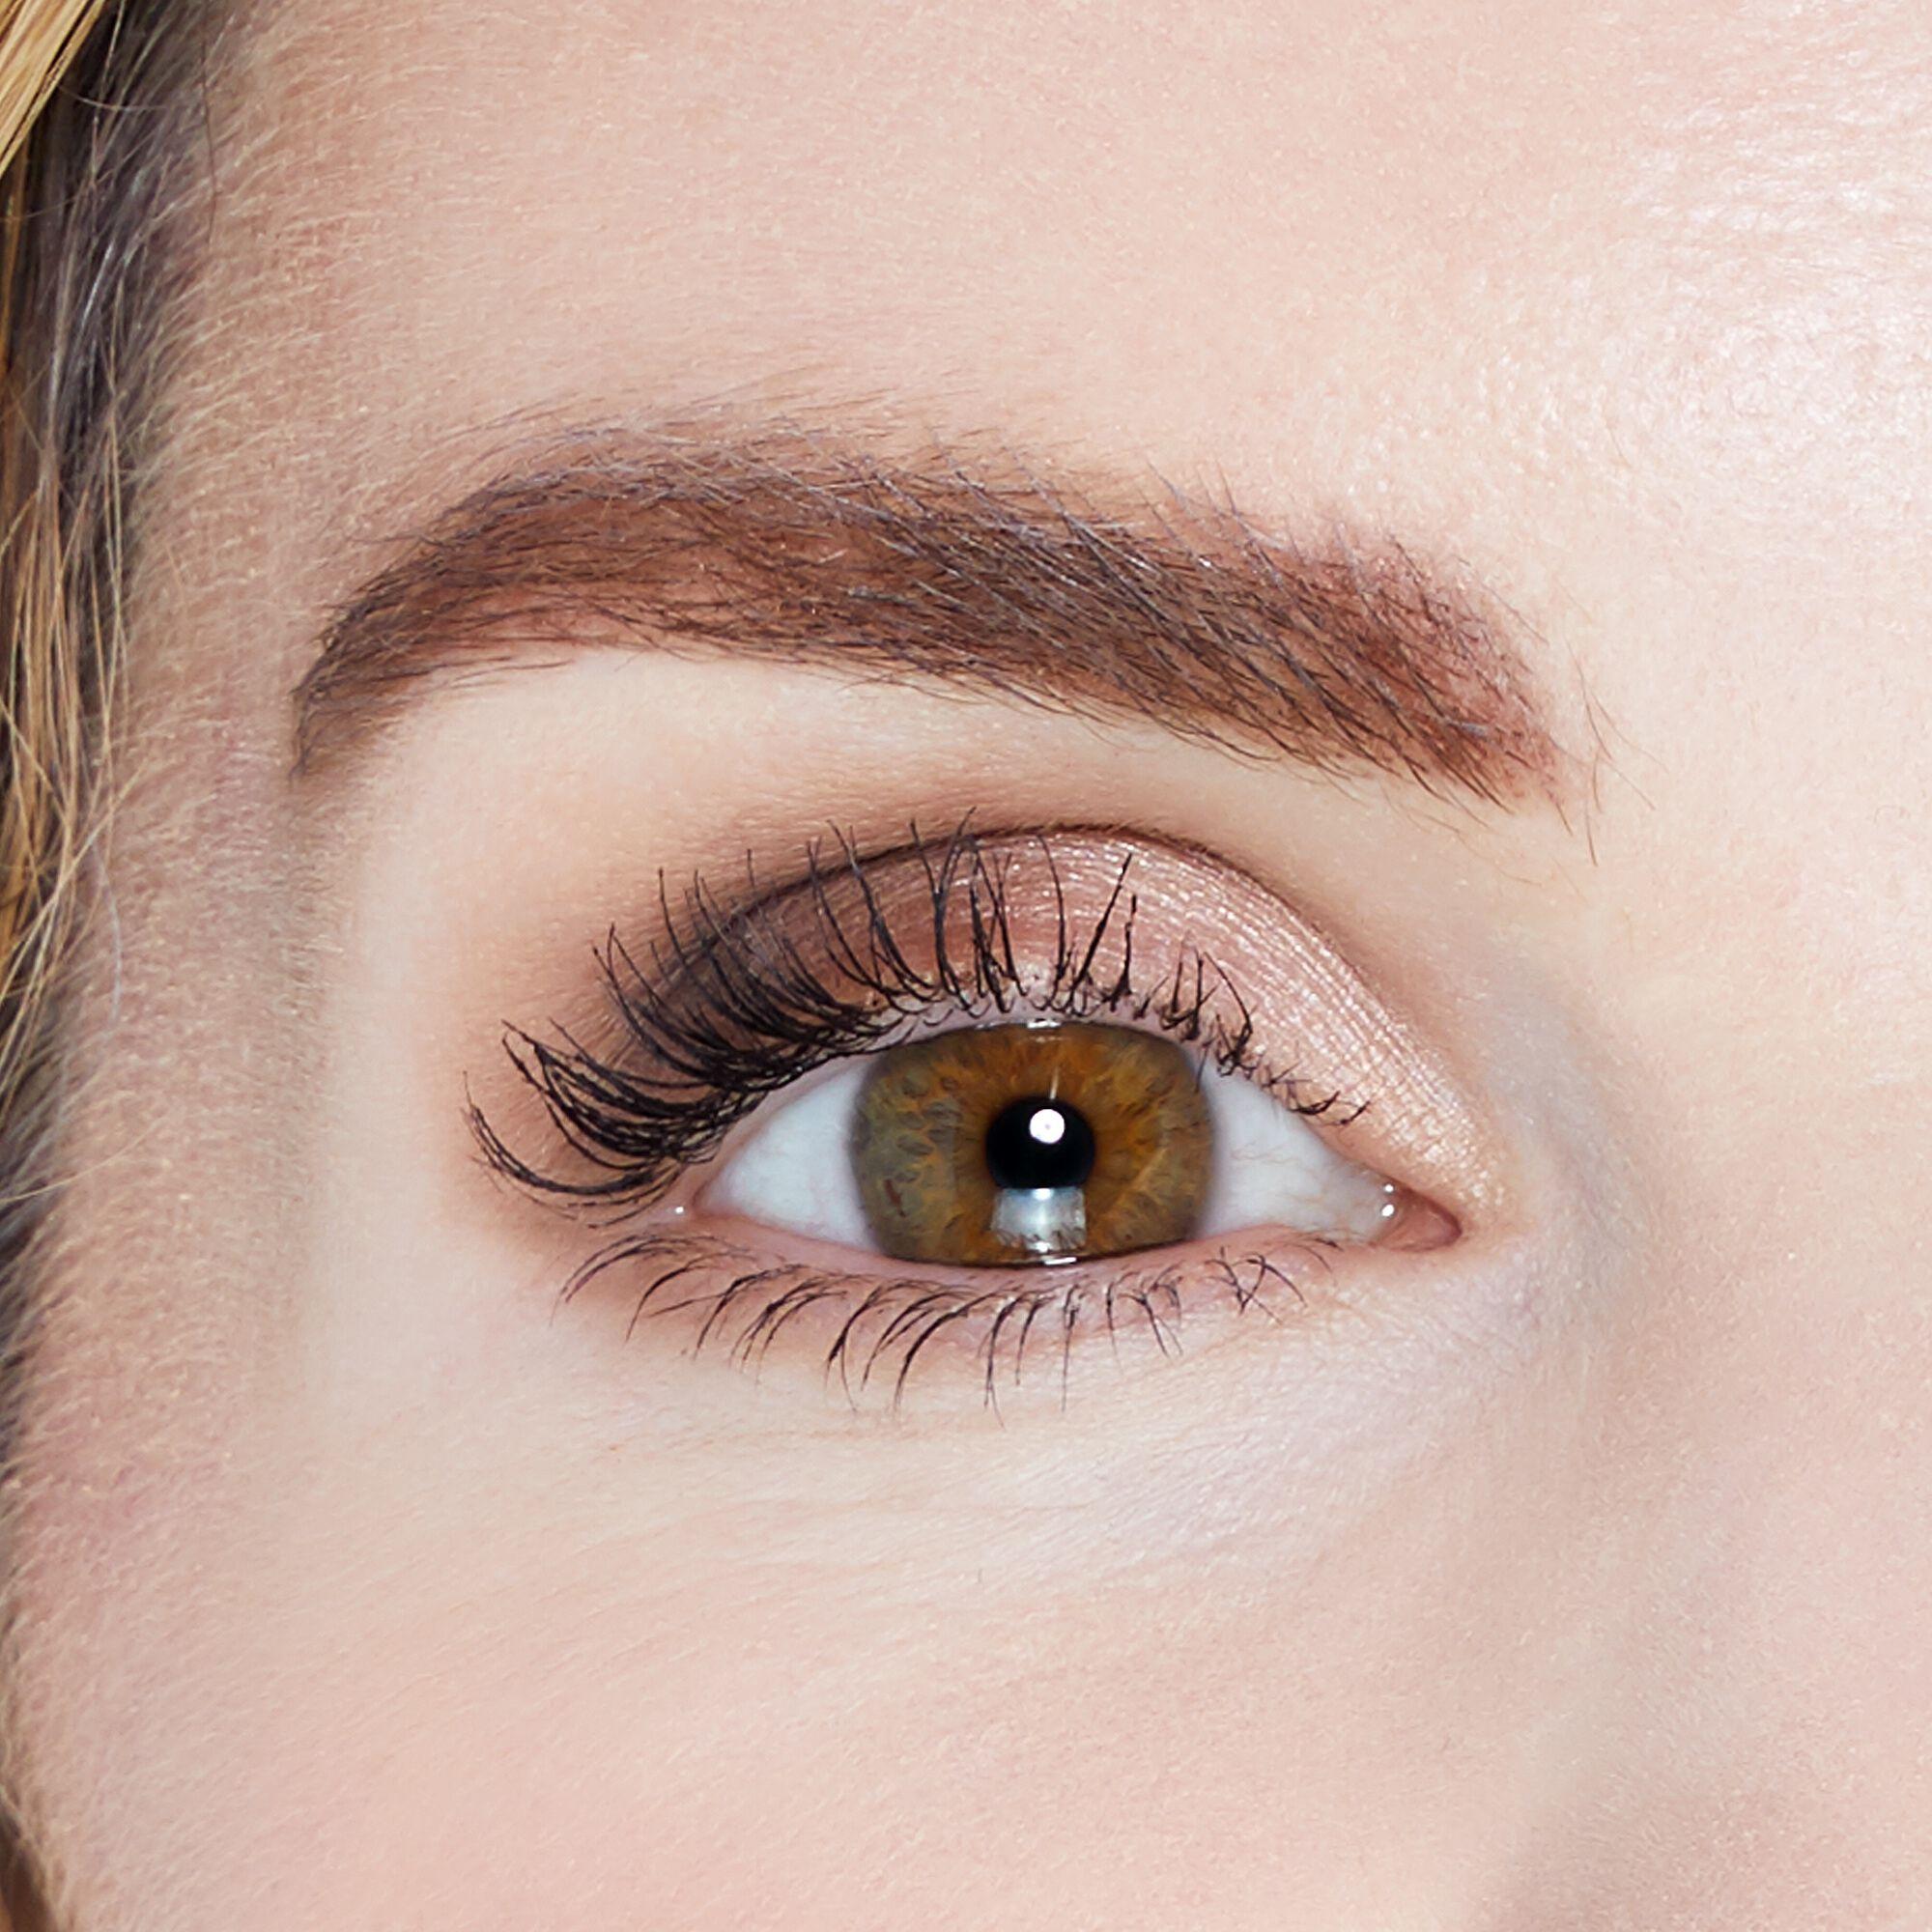 Tarte Maneater Fierce & Fabulous Eyeshadow Palette